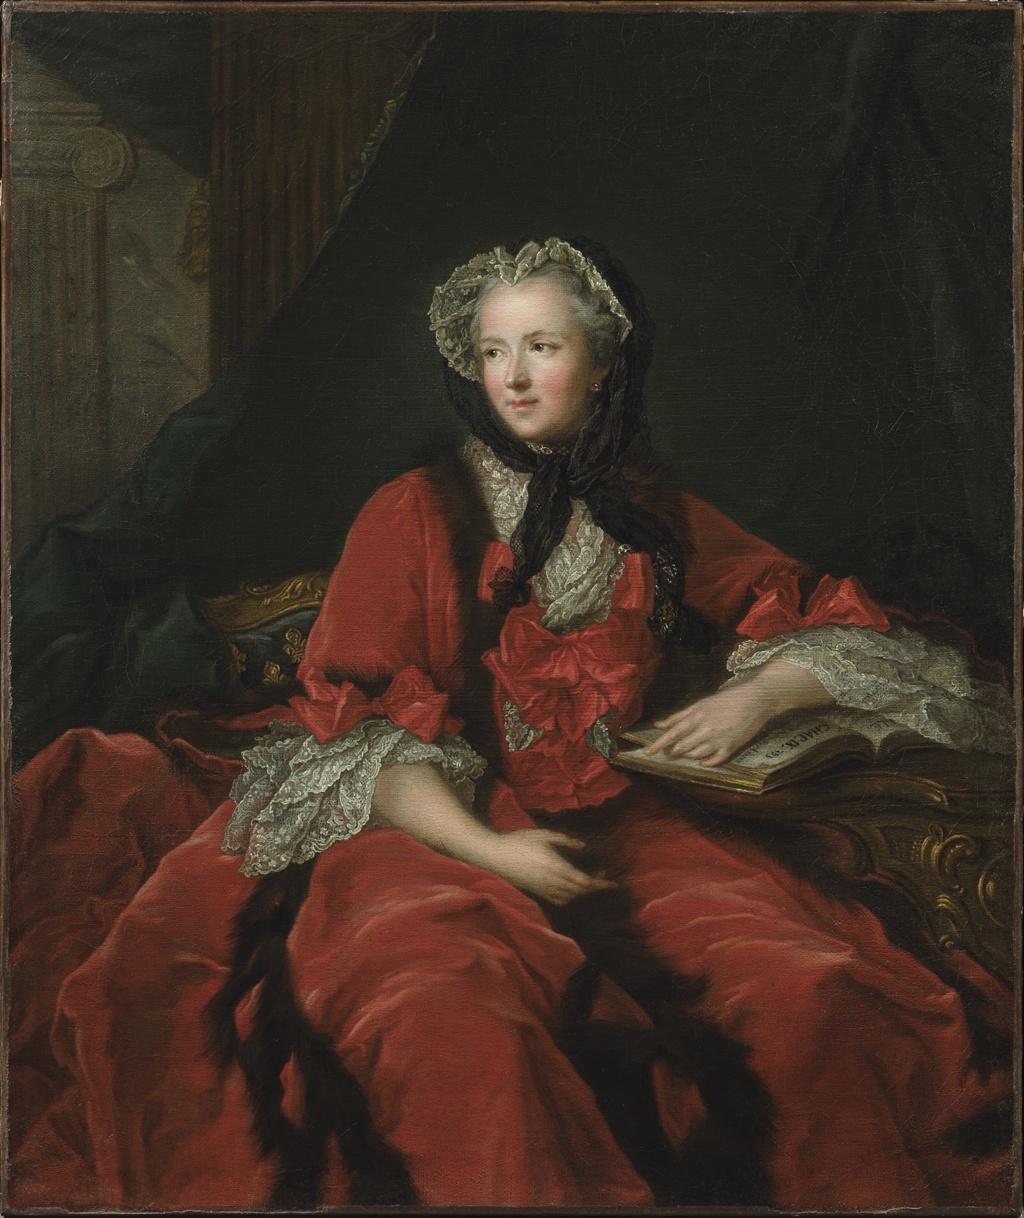 La reine Marie Leszczynska - Page 2 Nattie13